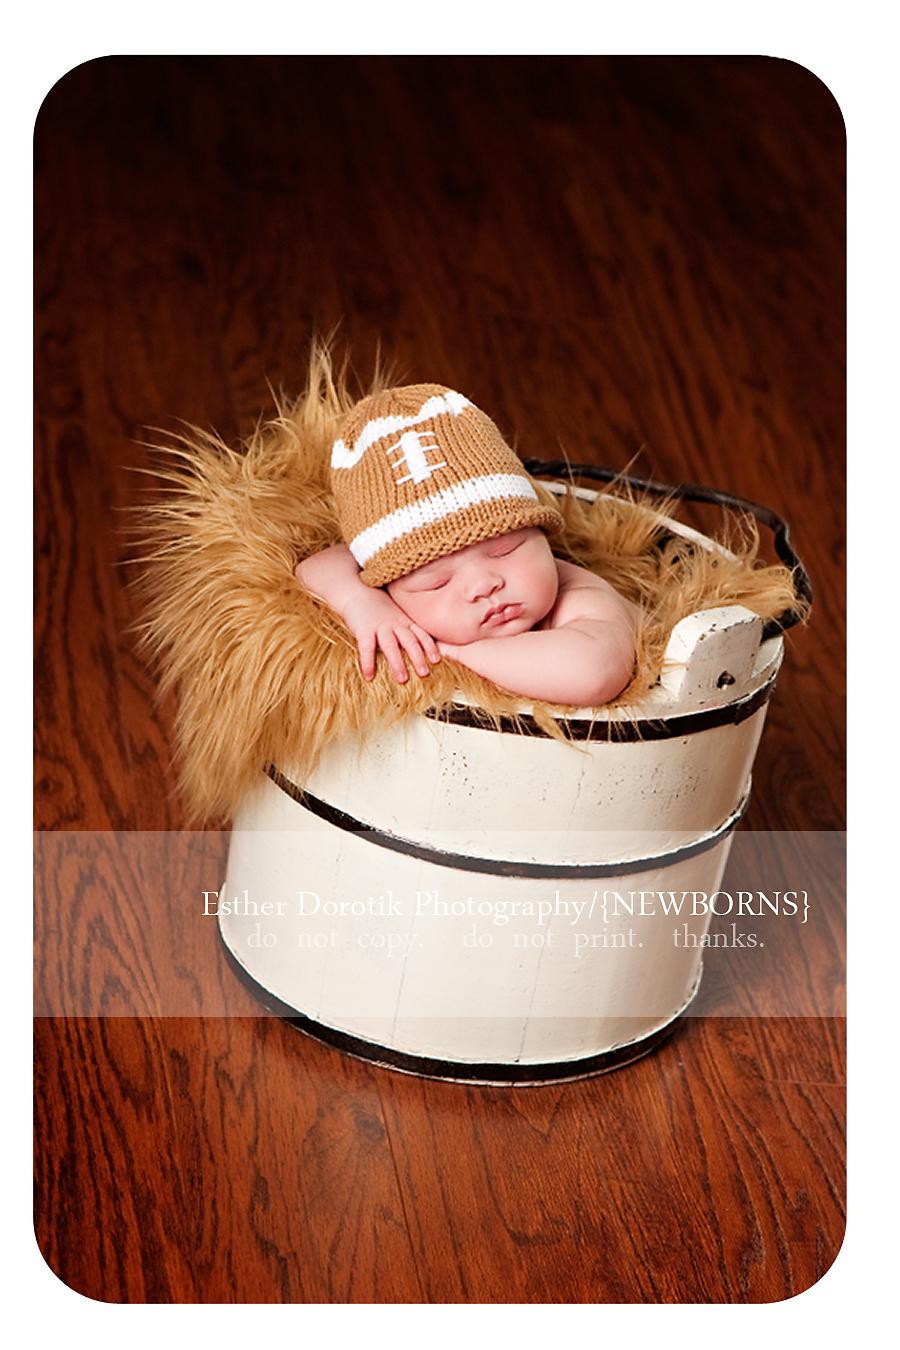 newborn-baby-in-cream-basket-with-football-hat-in-fur-captured-by-best-newborn-photographer